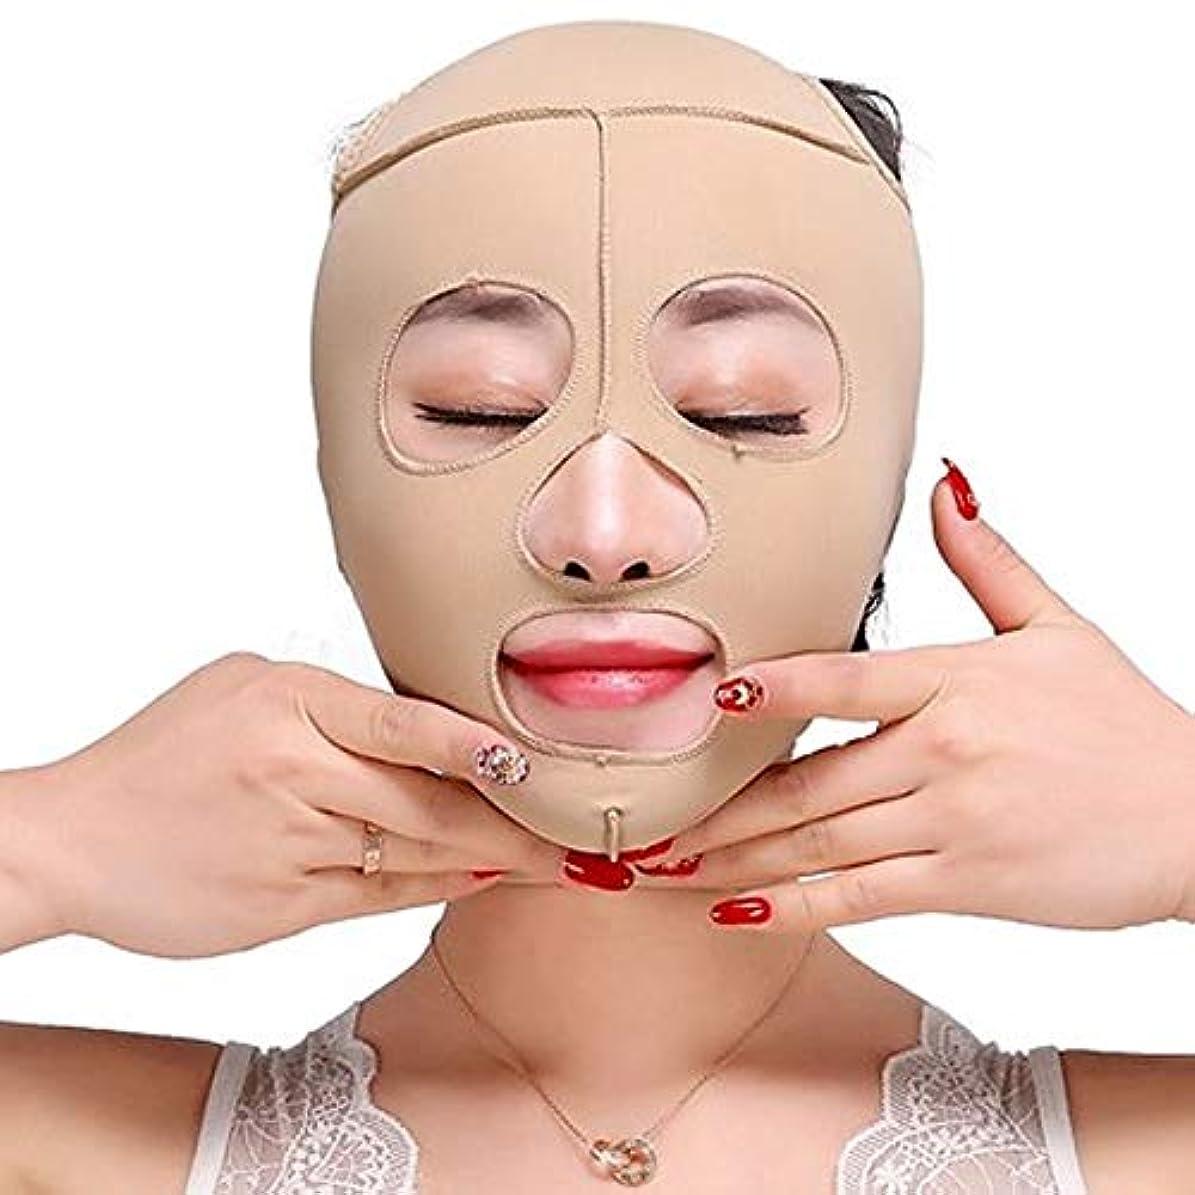 障害クリークボーナスJia Jia- フェイスリフティングアーティファクト睡眠薄い顔顔の顔薄い顔V顔マスク二重あご薄い顔包帯肌色 顔面包帯 (サイズ さいず : XL)